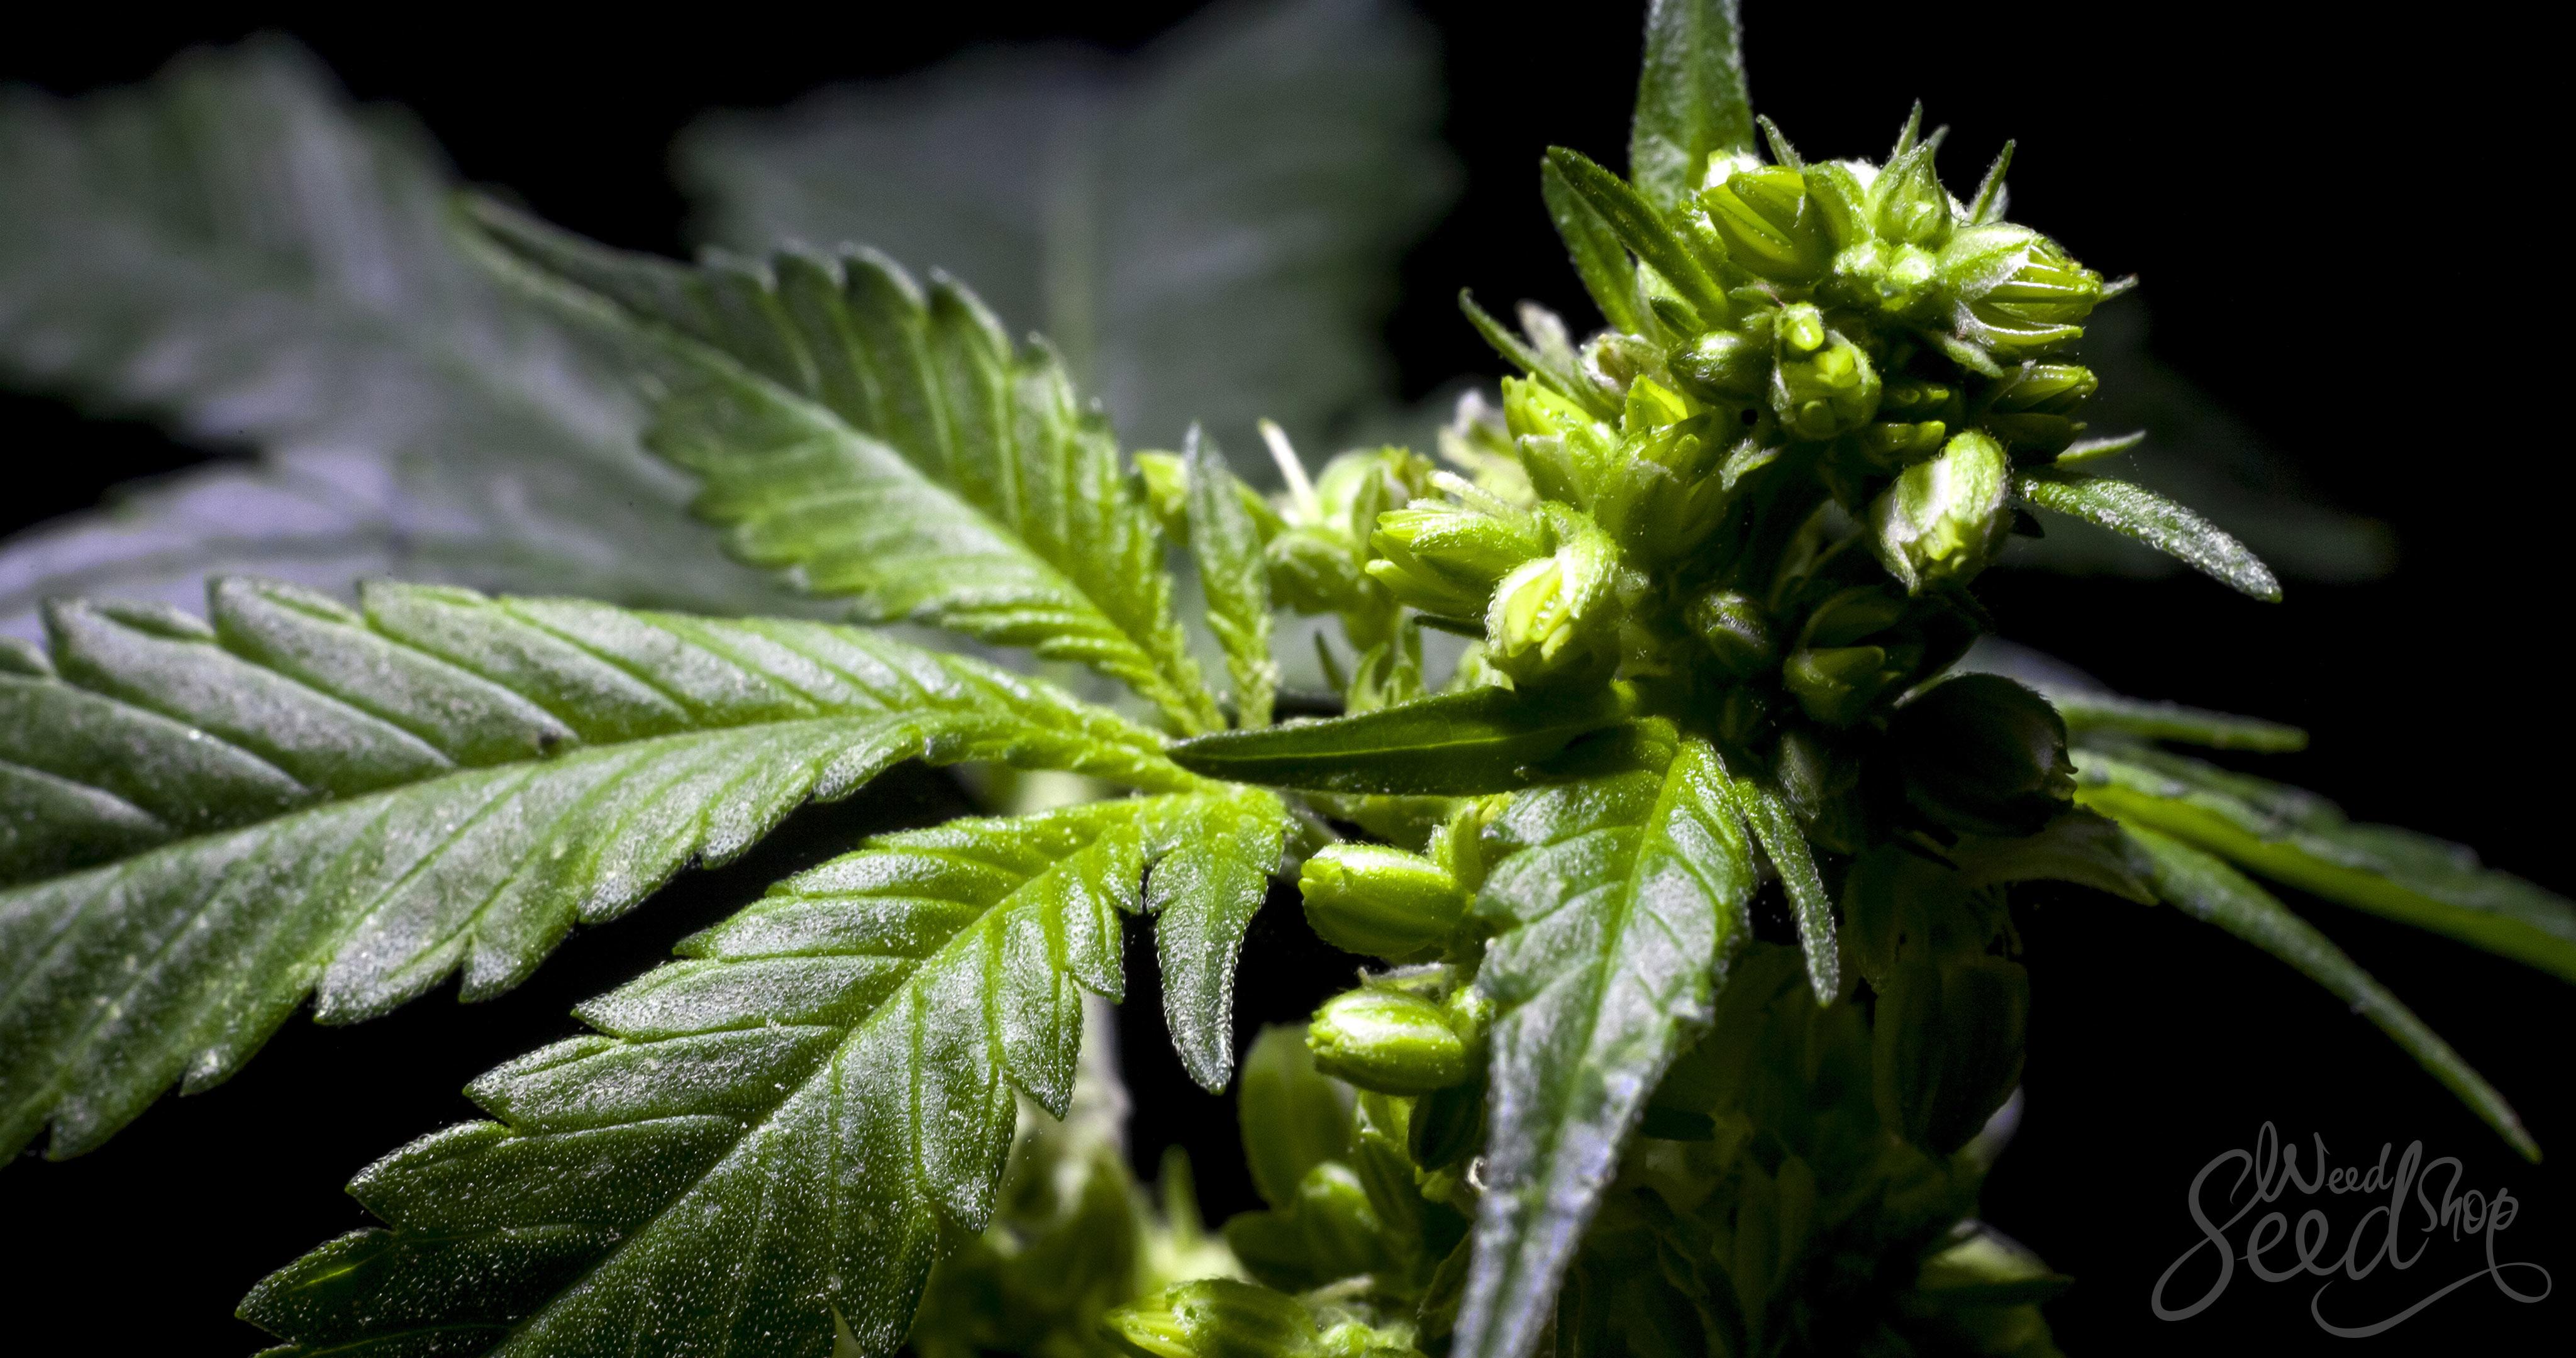 Zo kies je de beste mannelijke plant om te kruisen - WeedSeedShop